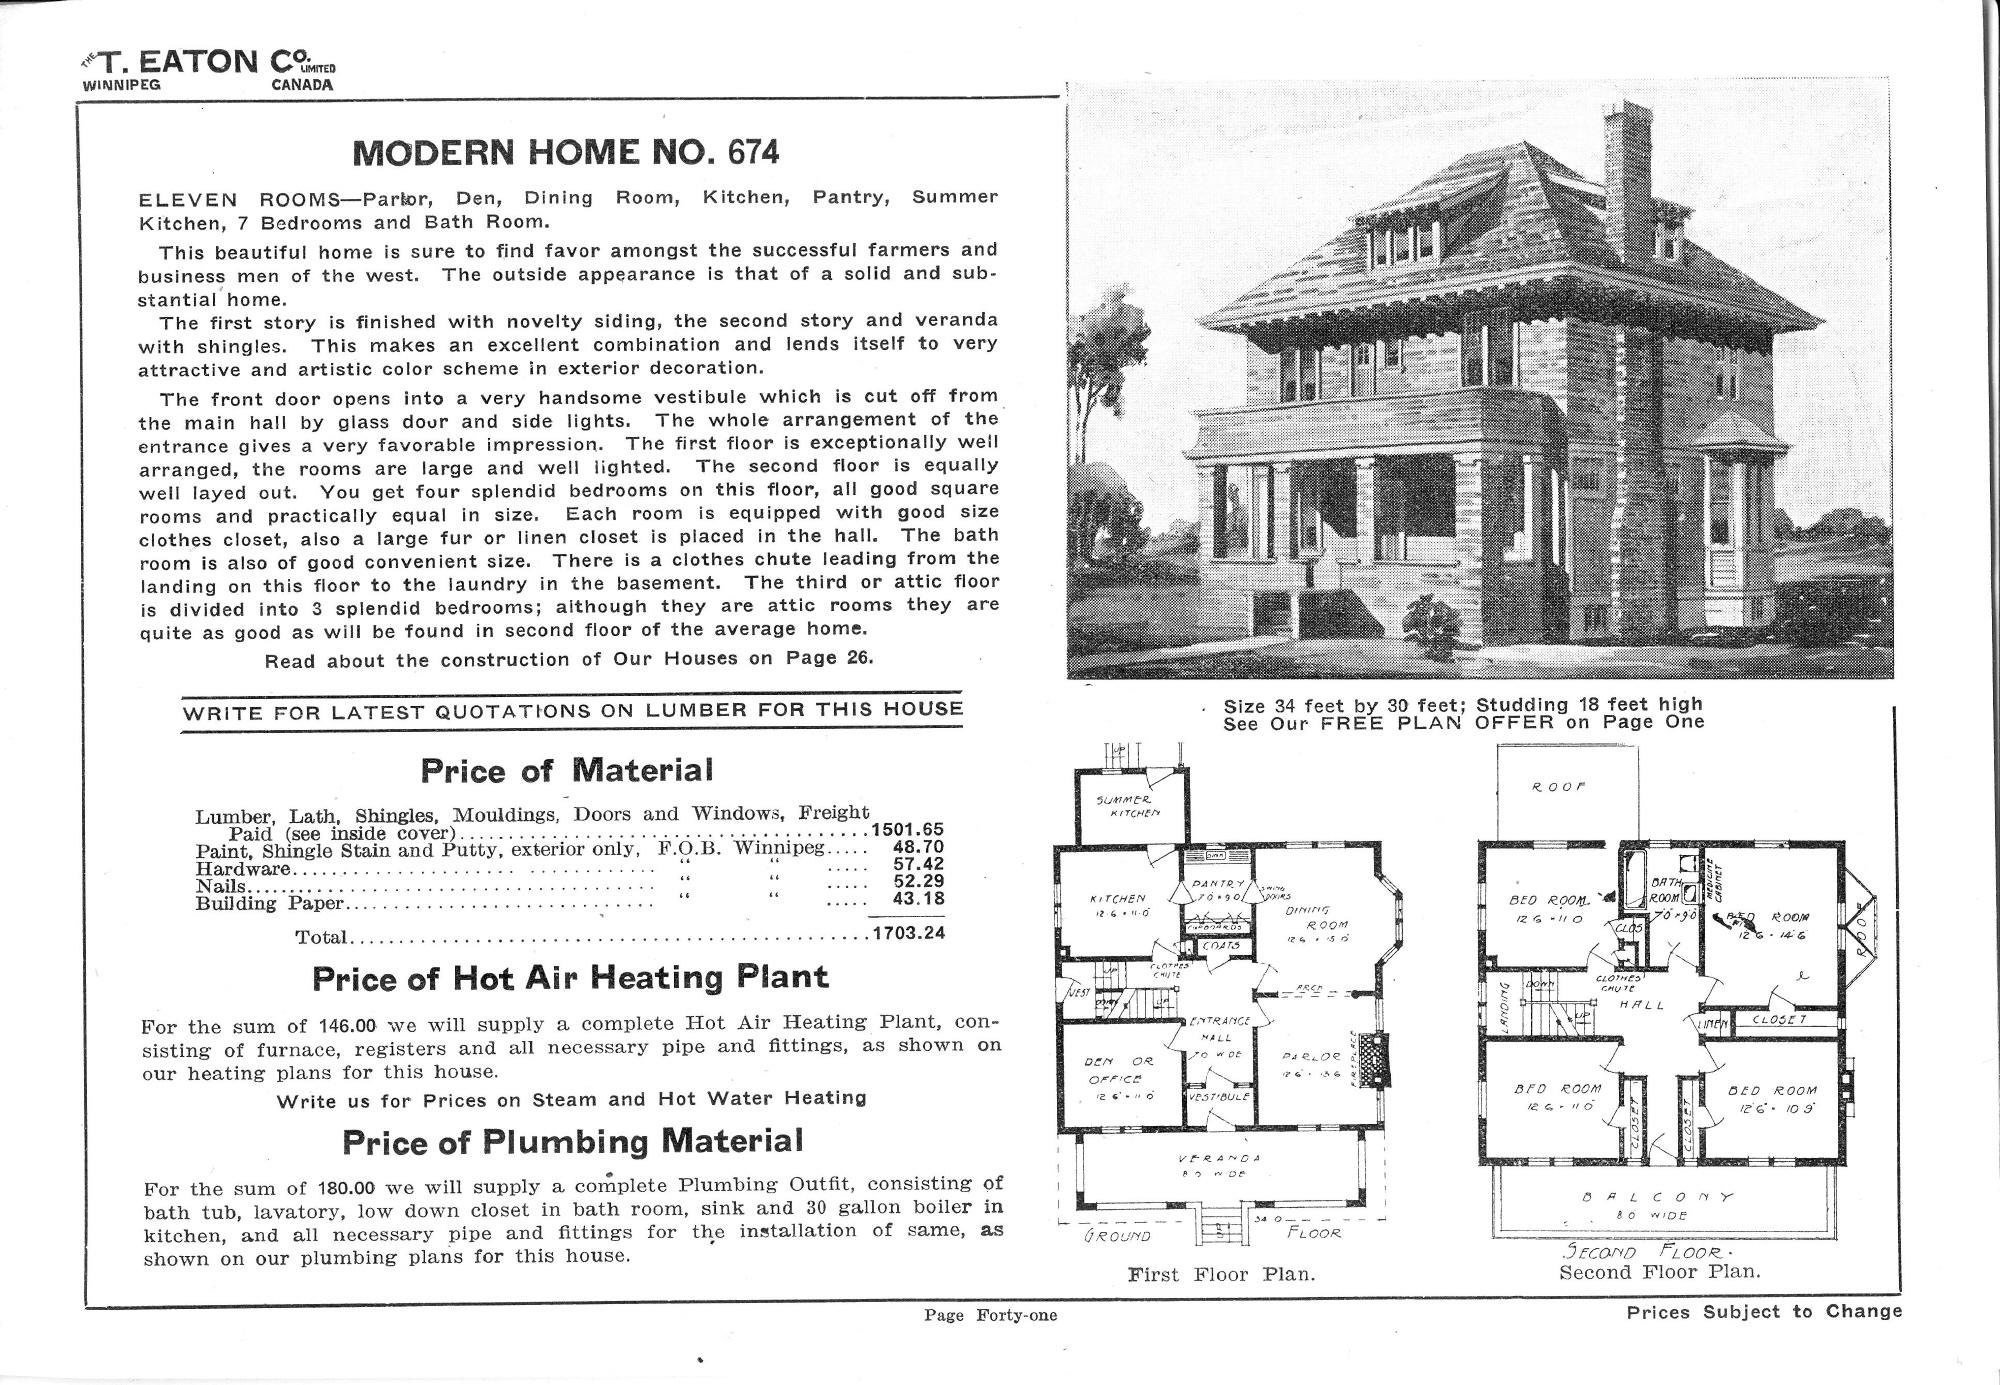 Eaton Catalogue Homes